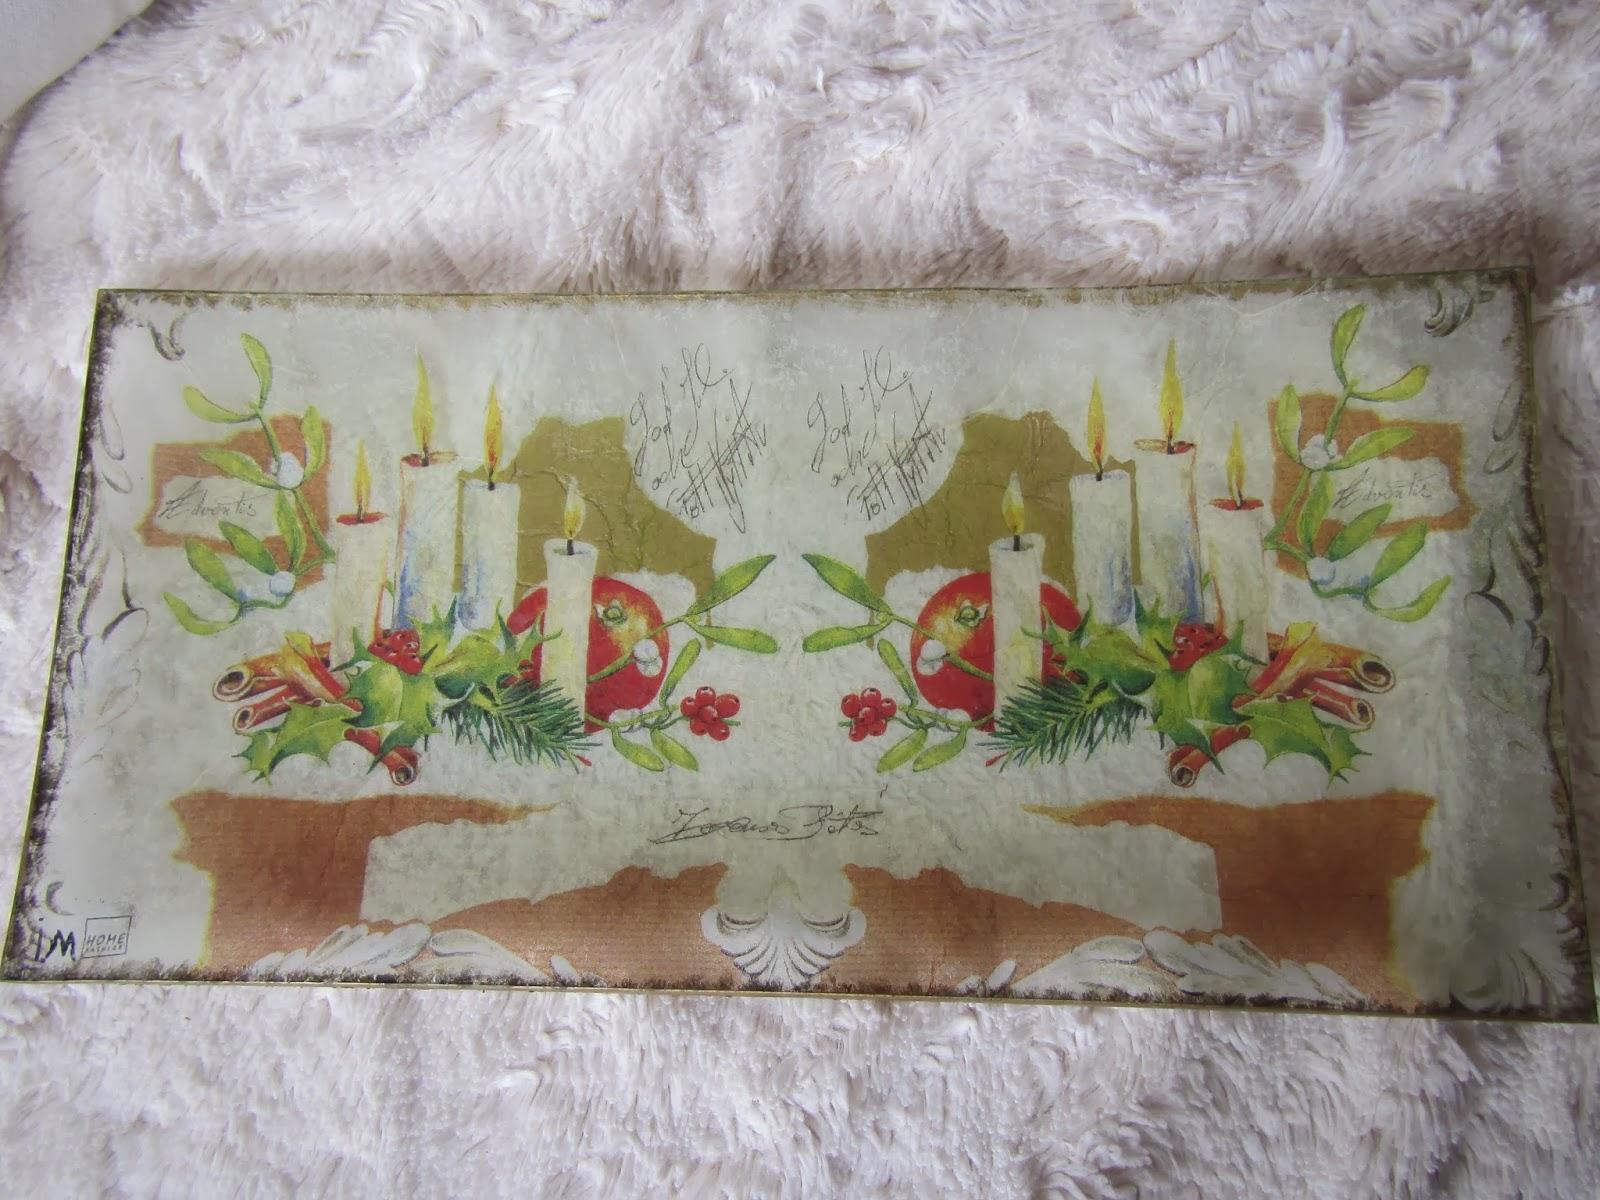 Las manualidades de inma bandejas de cristal - Servilletas decoradas de papel ...